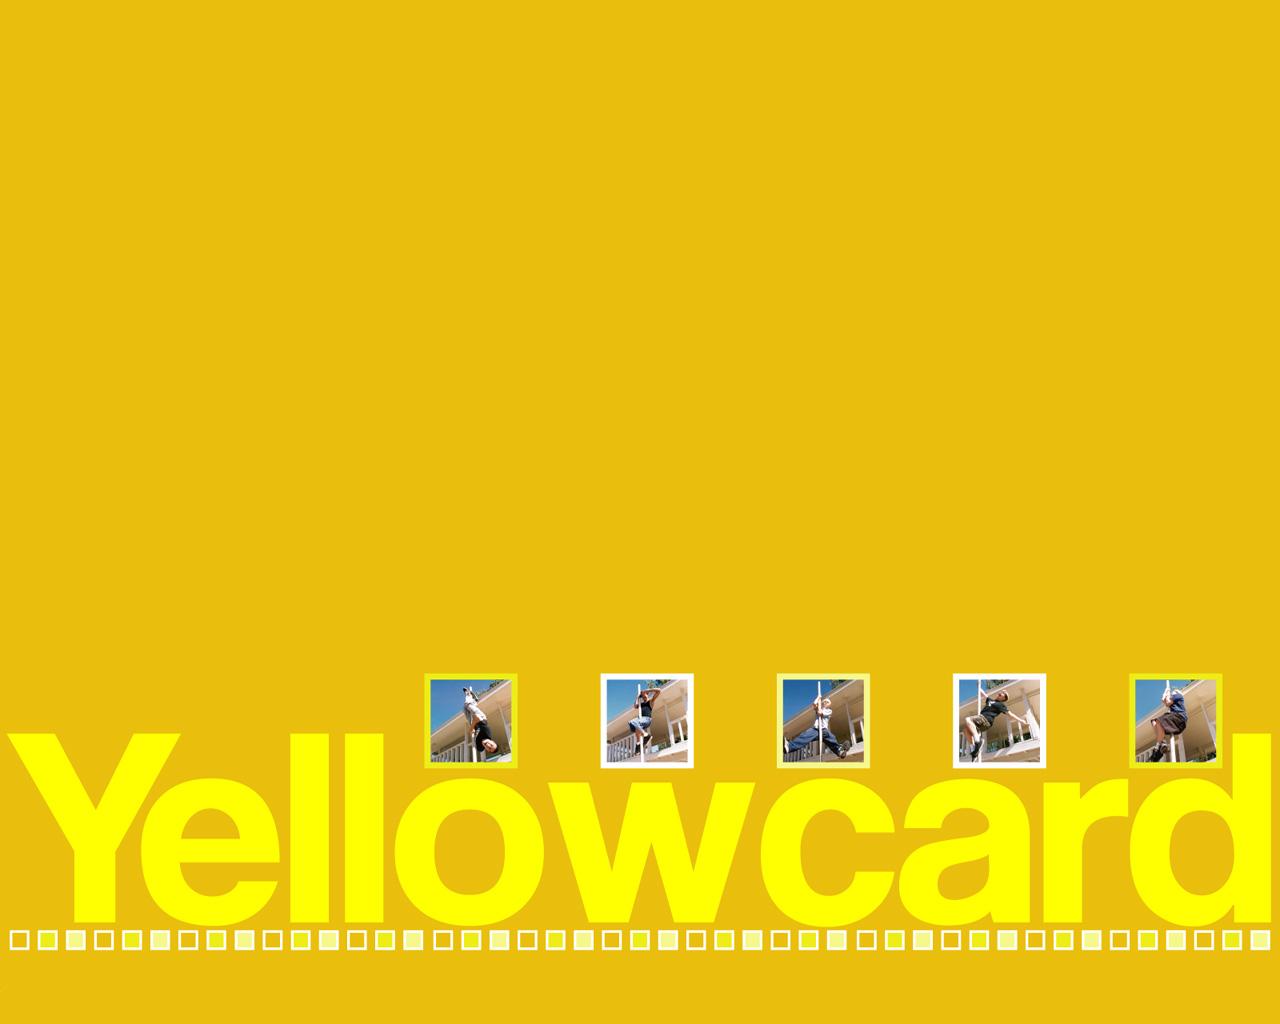 Yellowcard   Yellowcard Wallpaper 160750 1280x1024